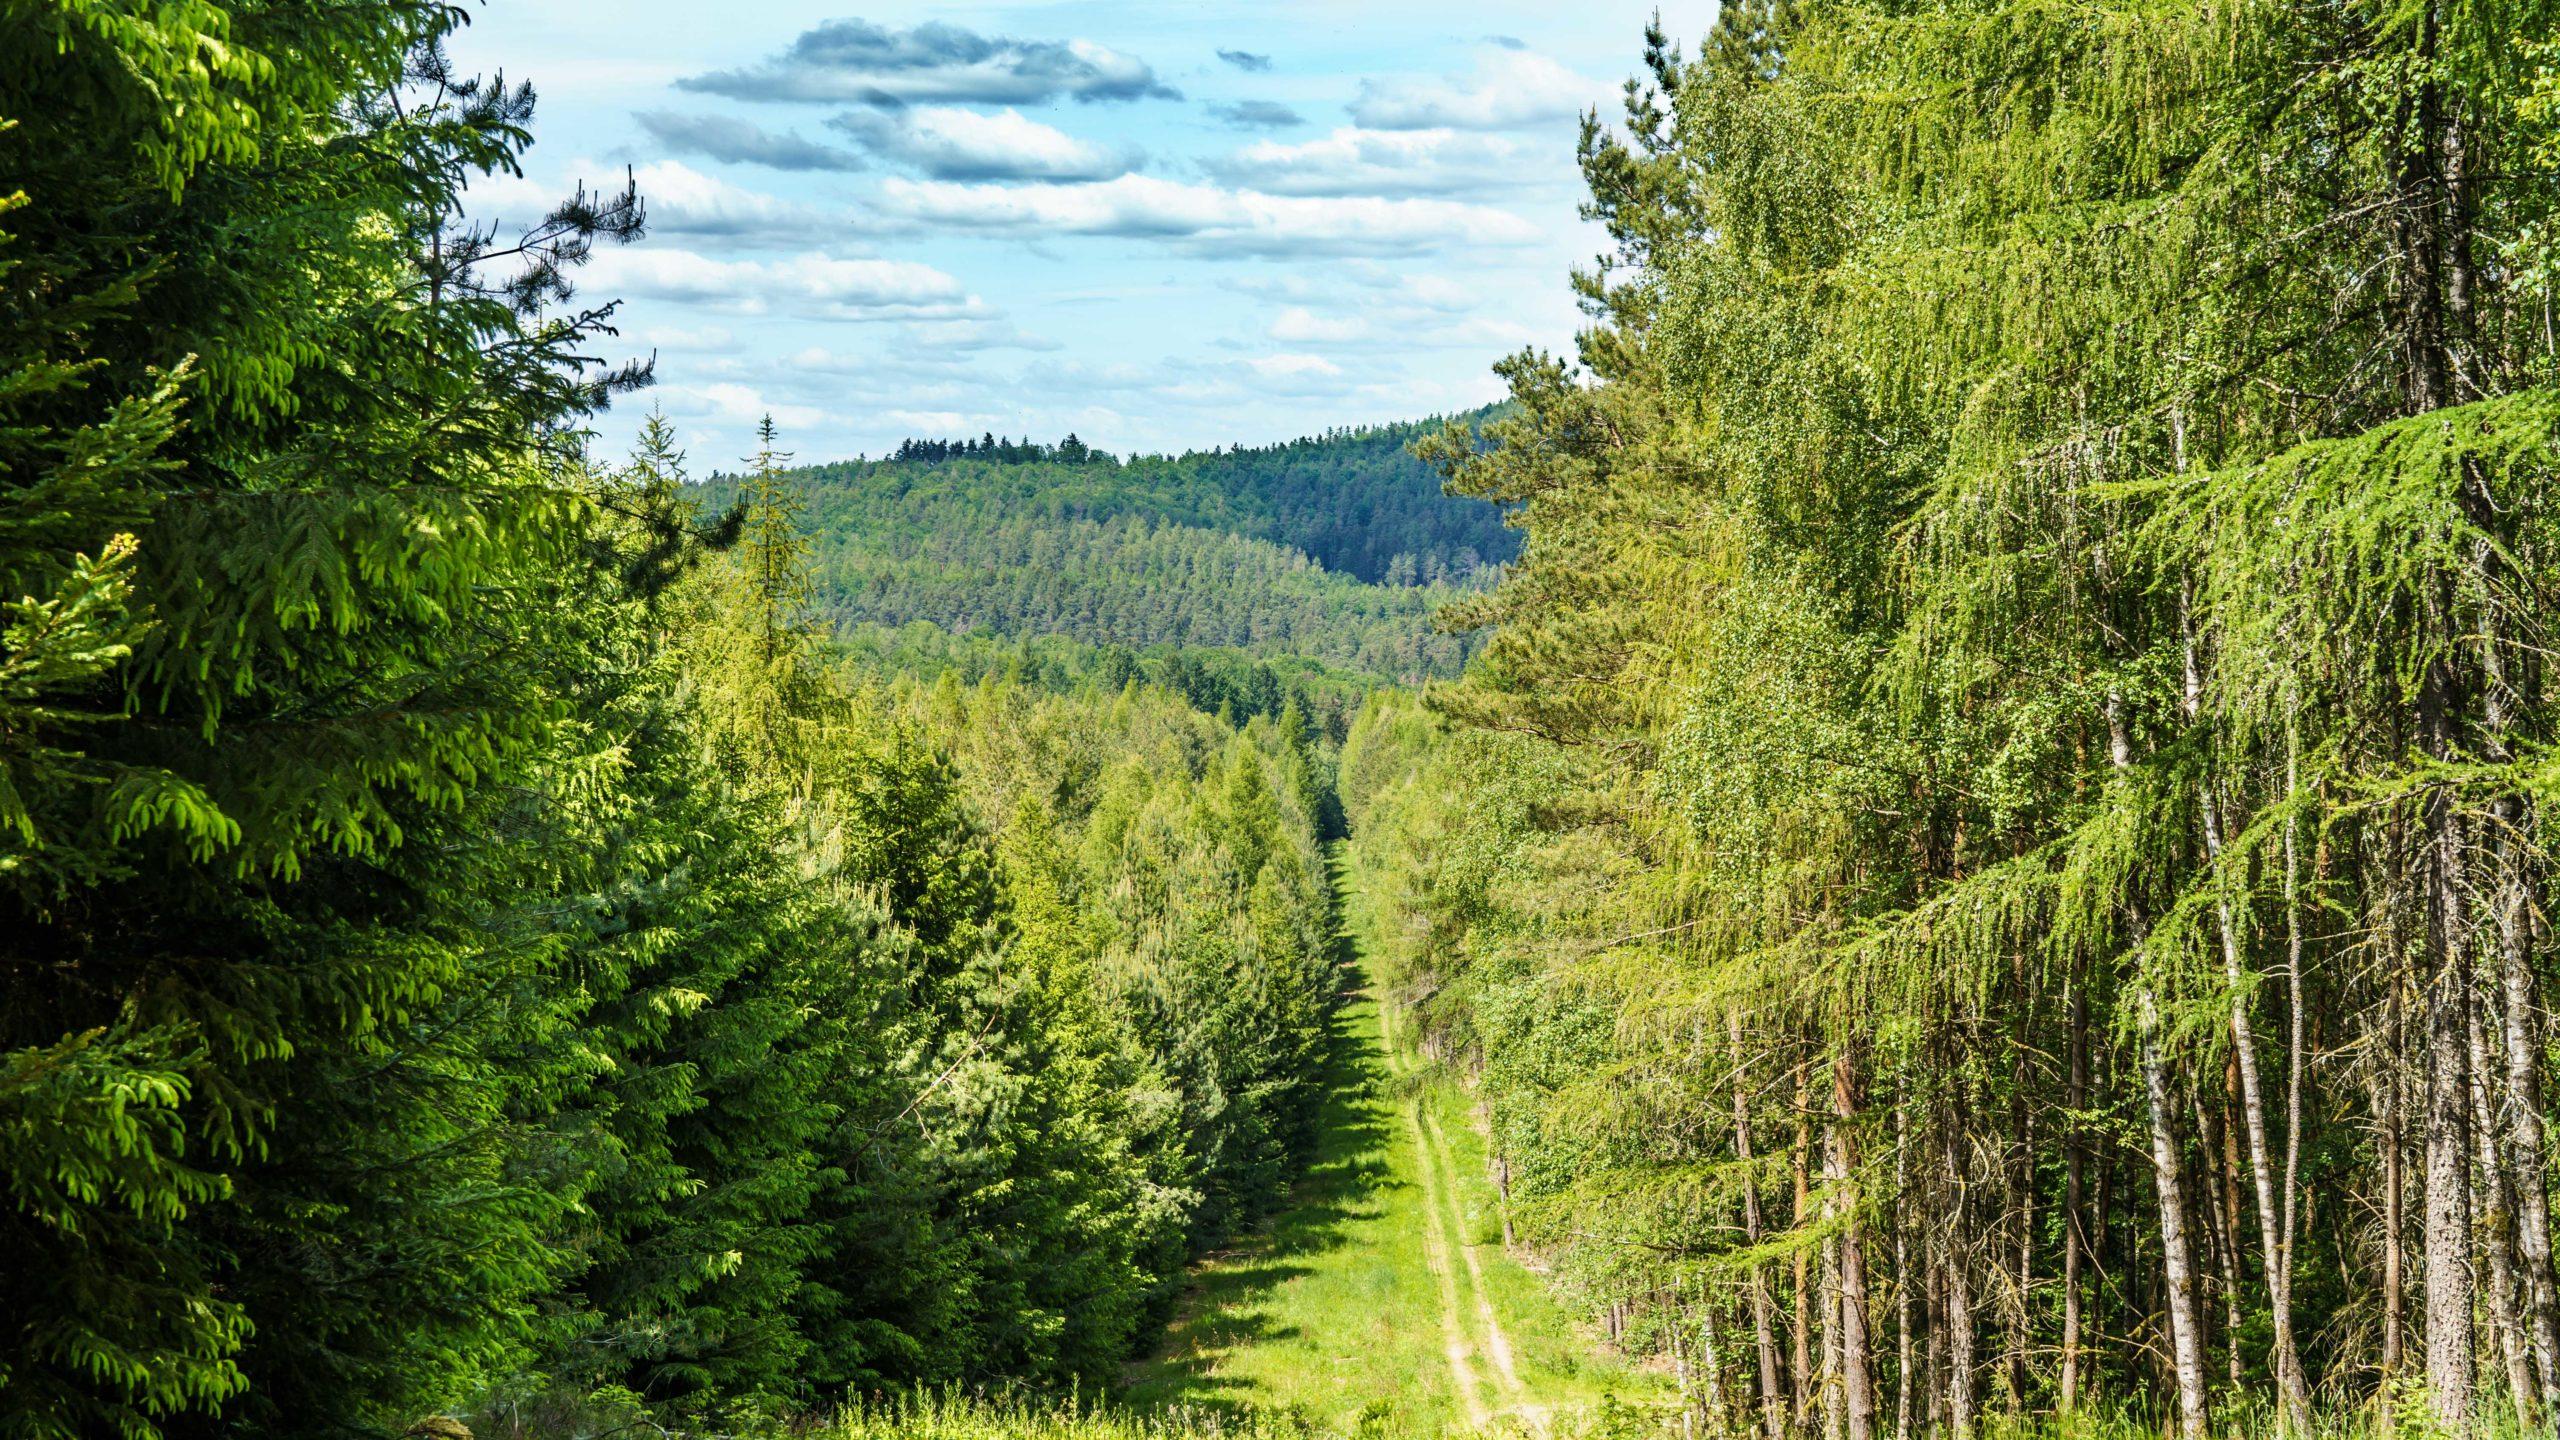 Grenzweg Gerstunger Forst, auf dem Kolonnenweg vom Blankenbacher Tal zum Stillmes